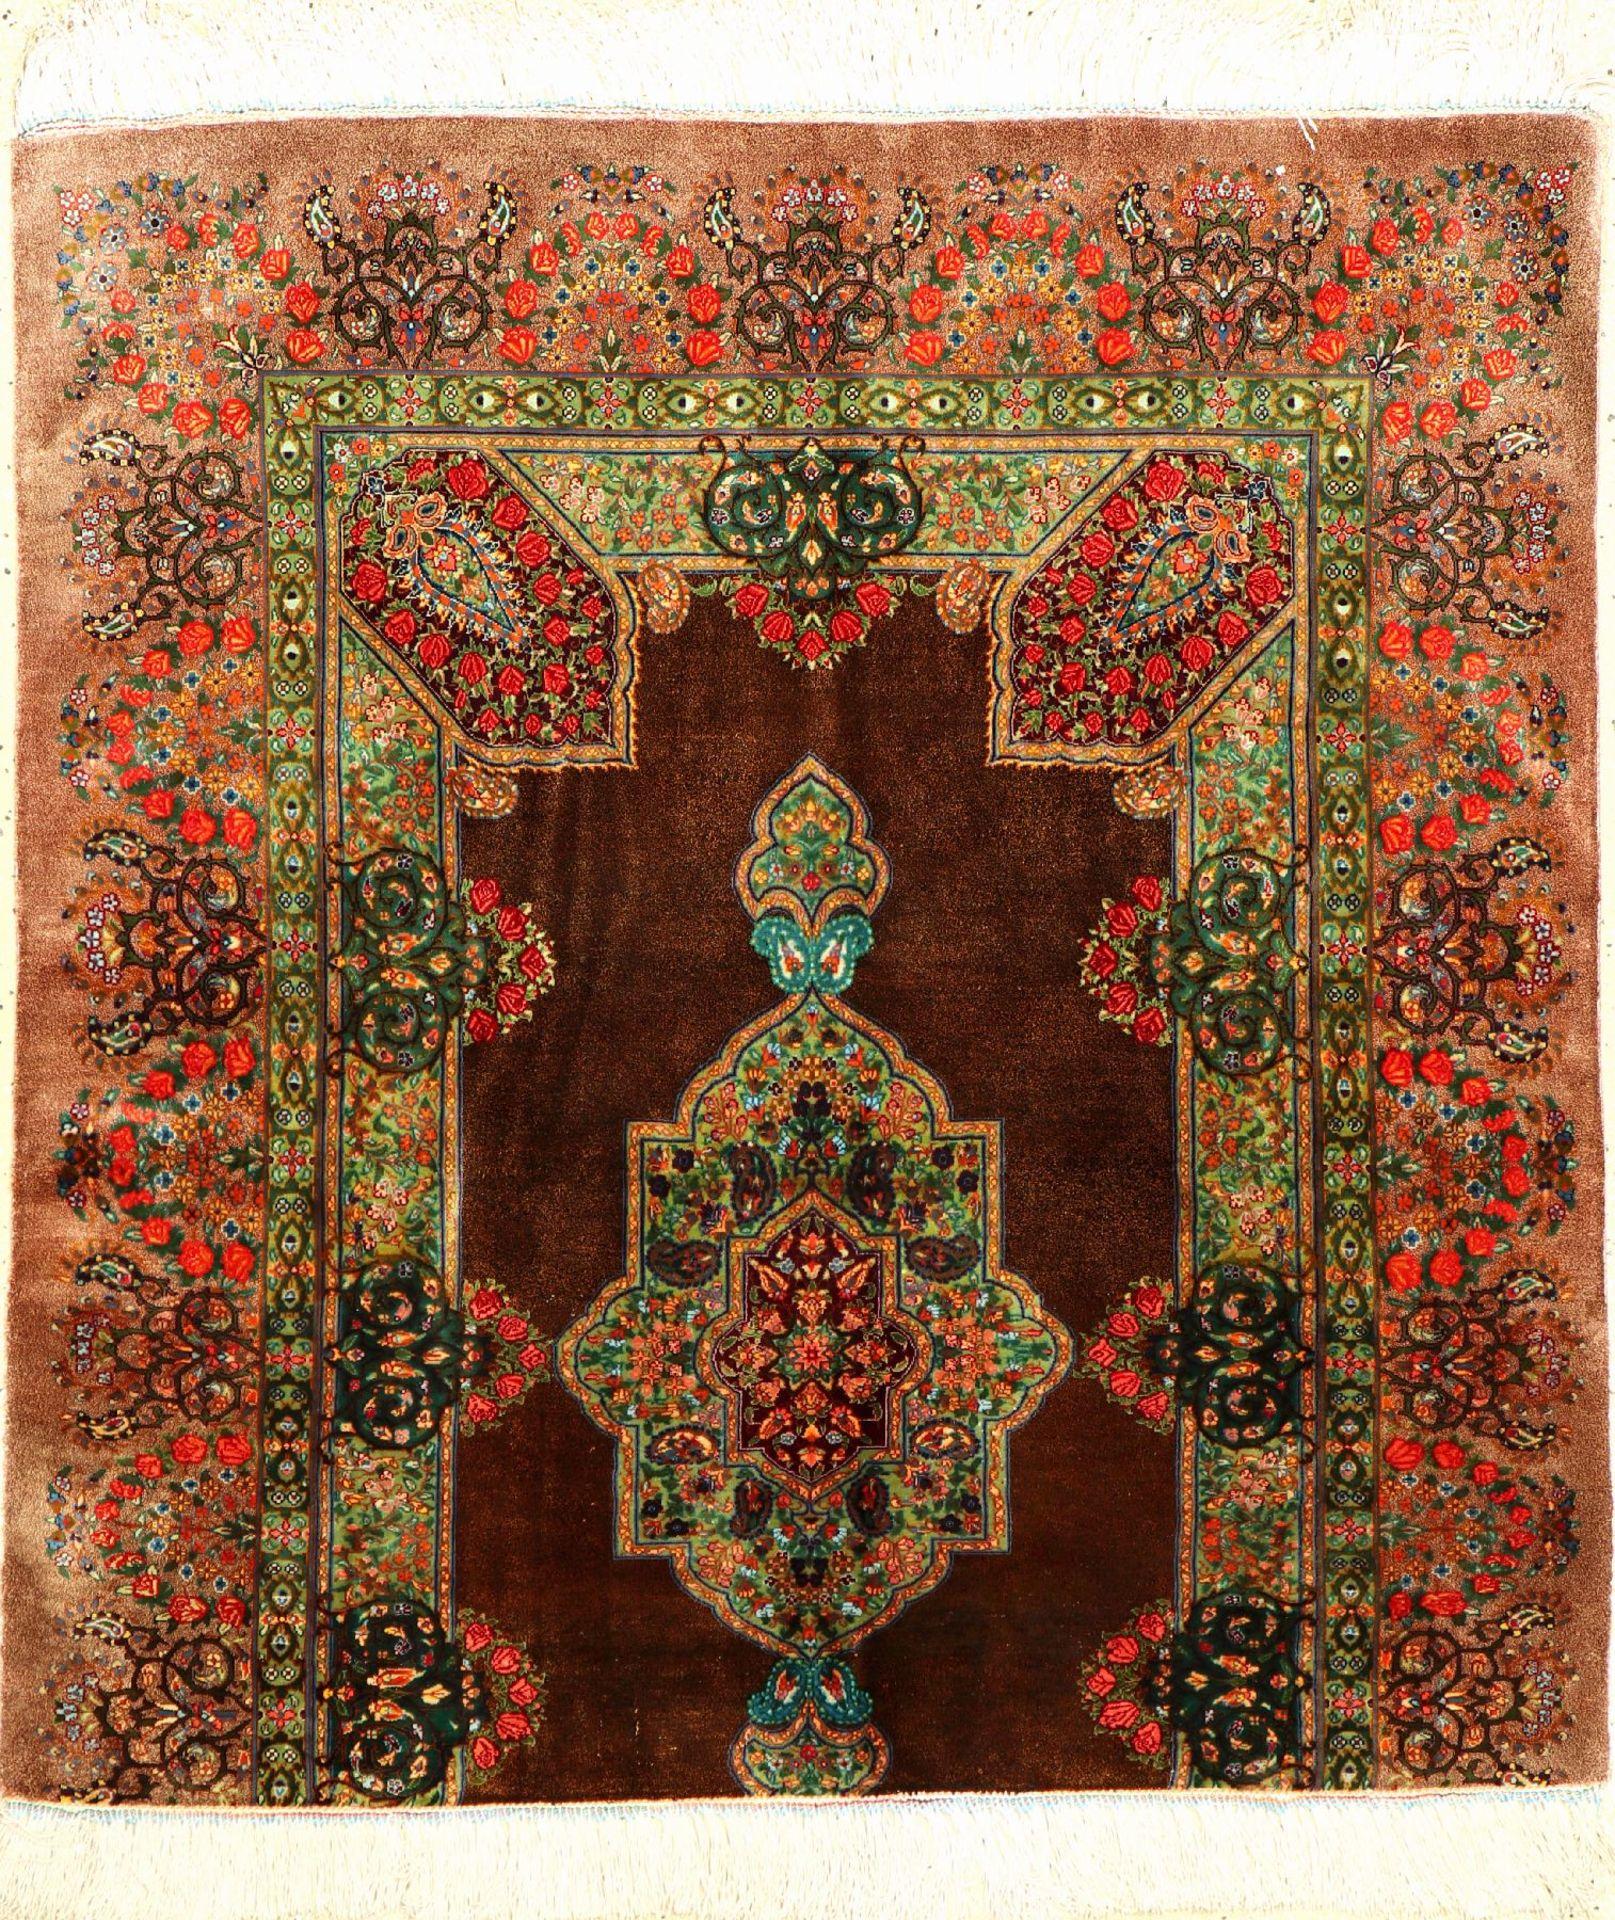 Sehr feiner Seiden Ghom (Wagireh), Persien, ca. 15 Jahre alt, reine Naturseide, ca. 103 x 96 cm,